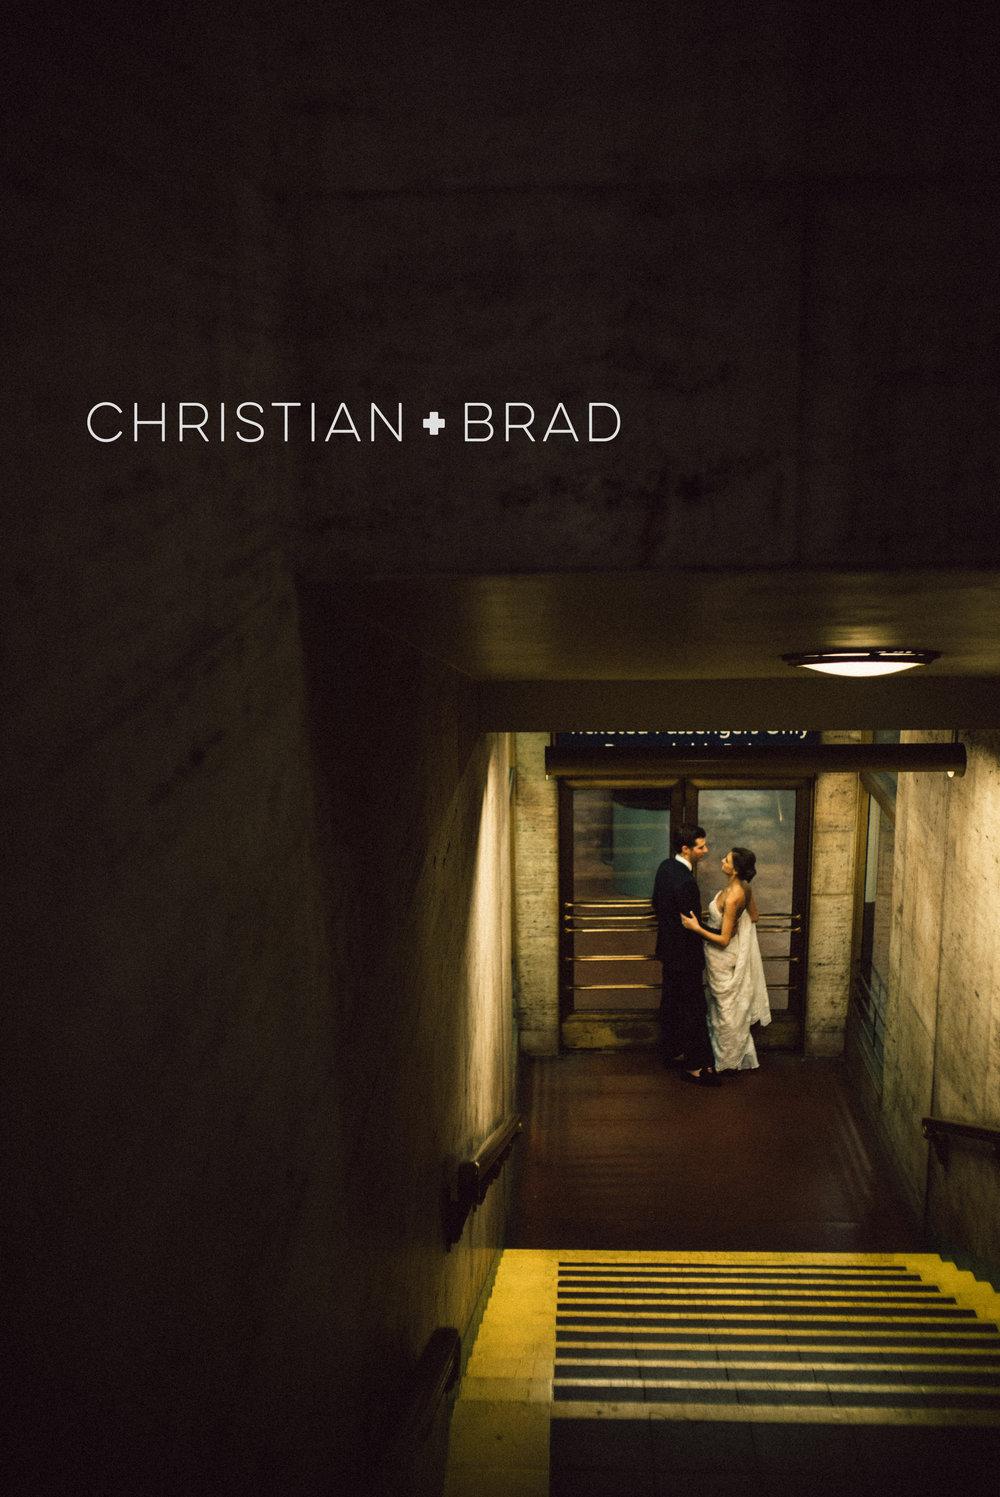 CHRISTIAN_BRAD_COVER.jpg